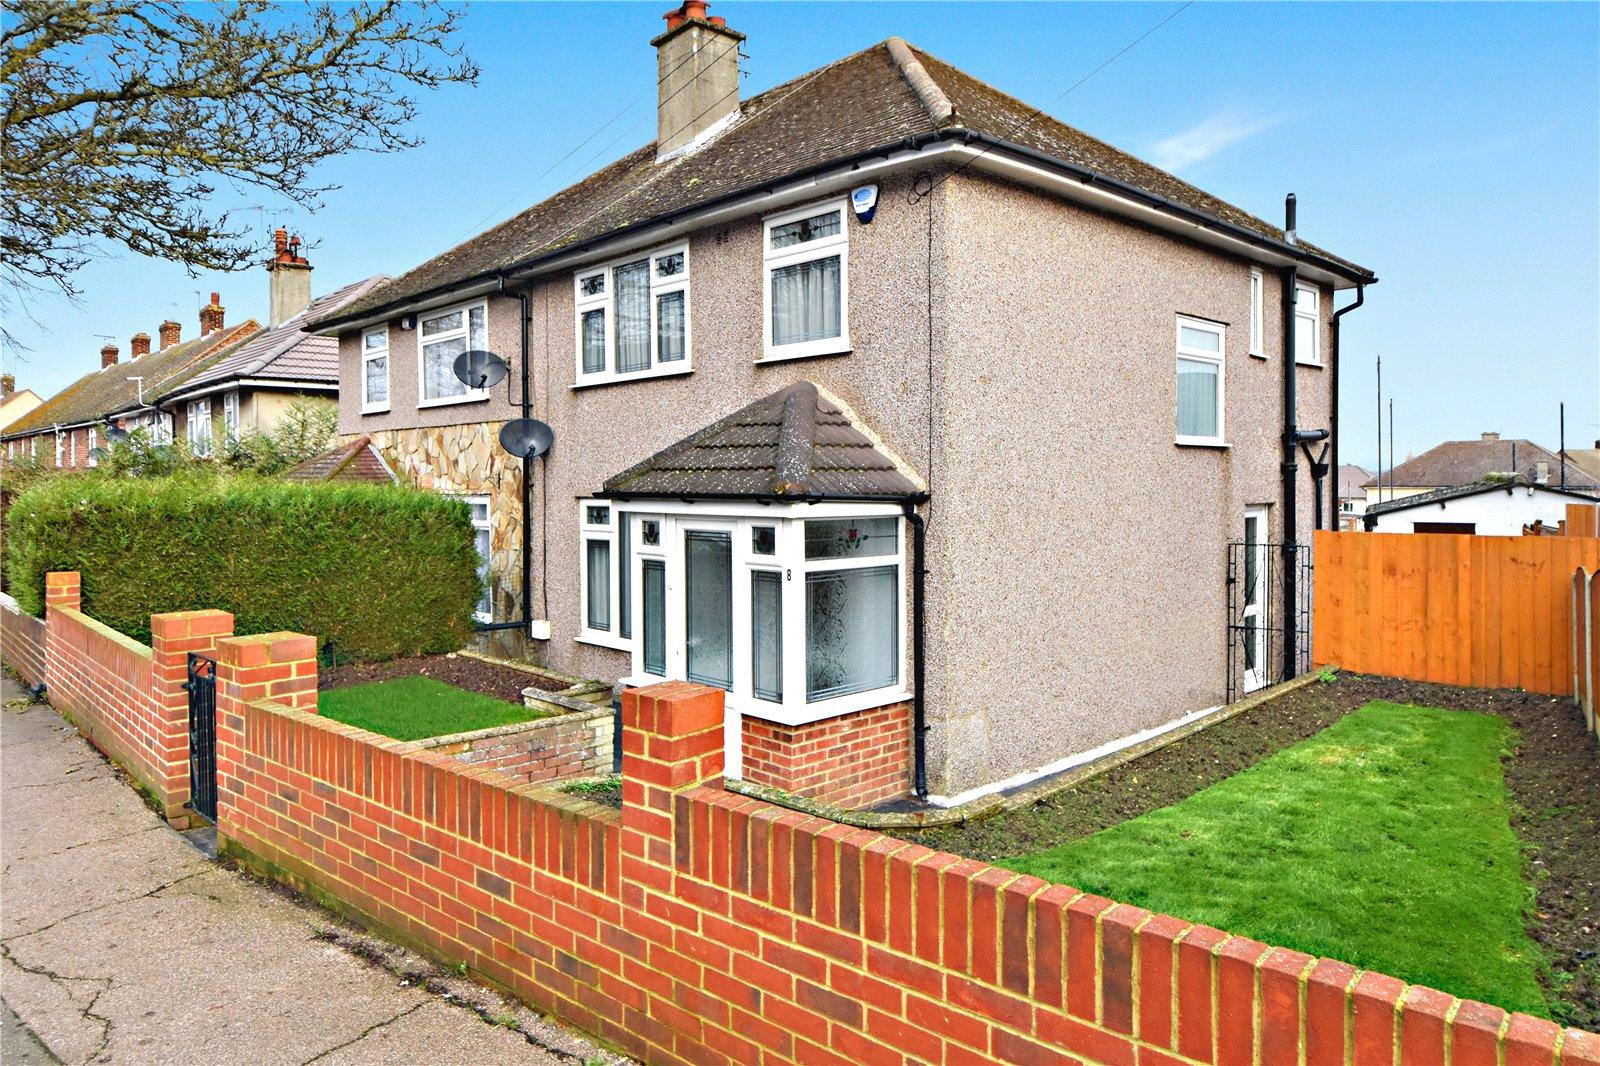 Manor Road, Swanscombe, Kent, DA10